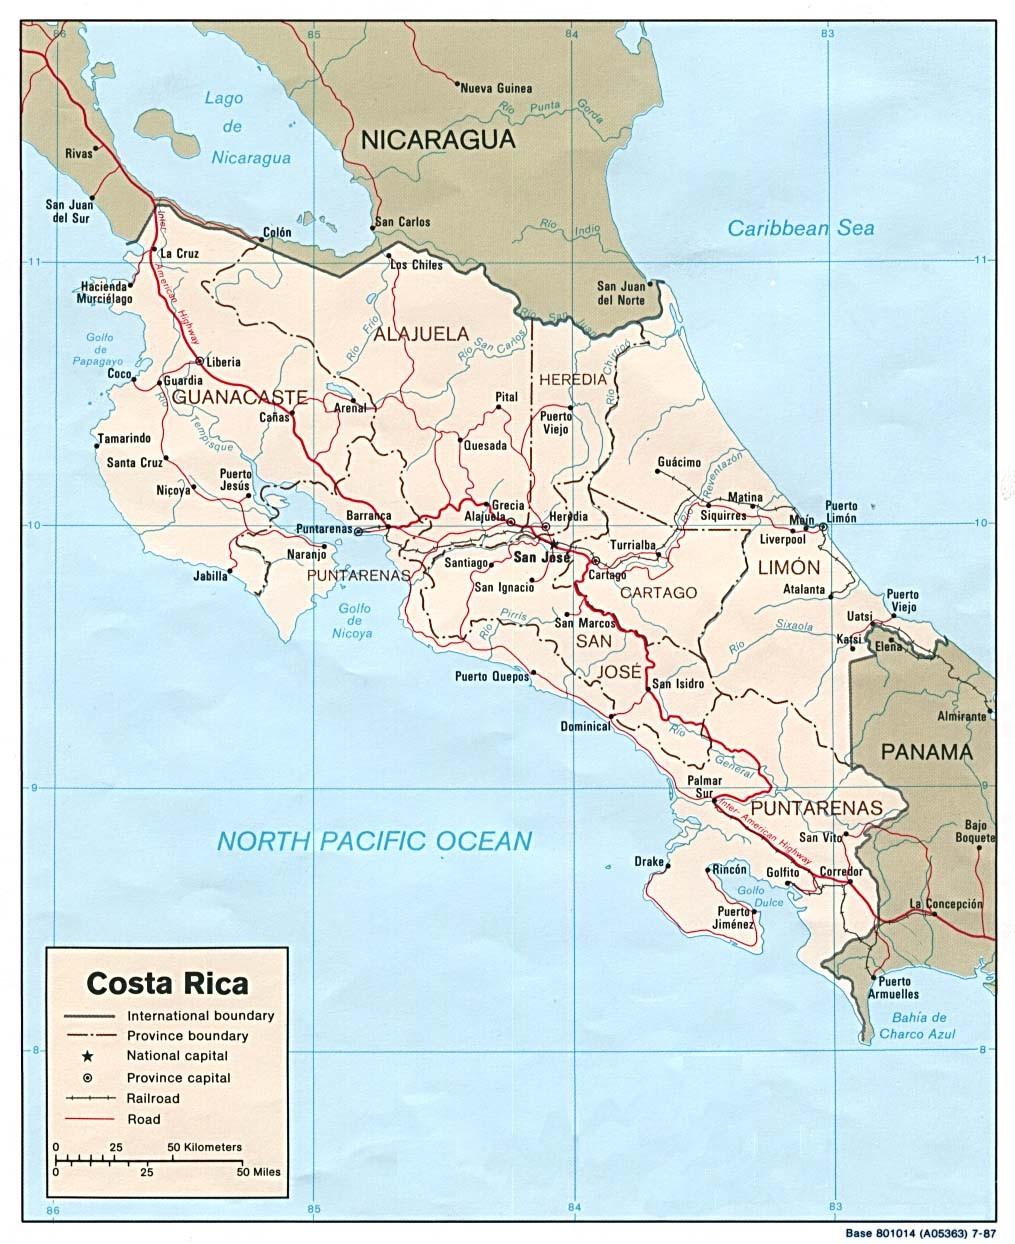 Costa Rica Karte Mittelamerika.Eindrücke Costa Rica Die Schweiz Mittelamerikas Ein Besuch Im